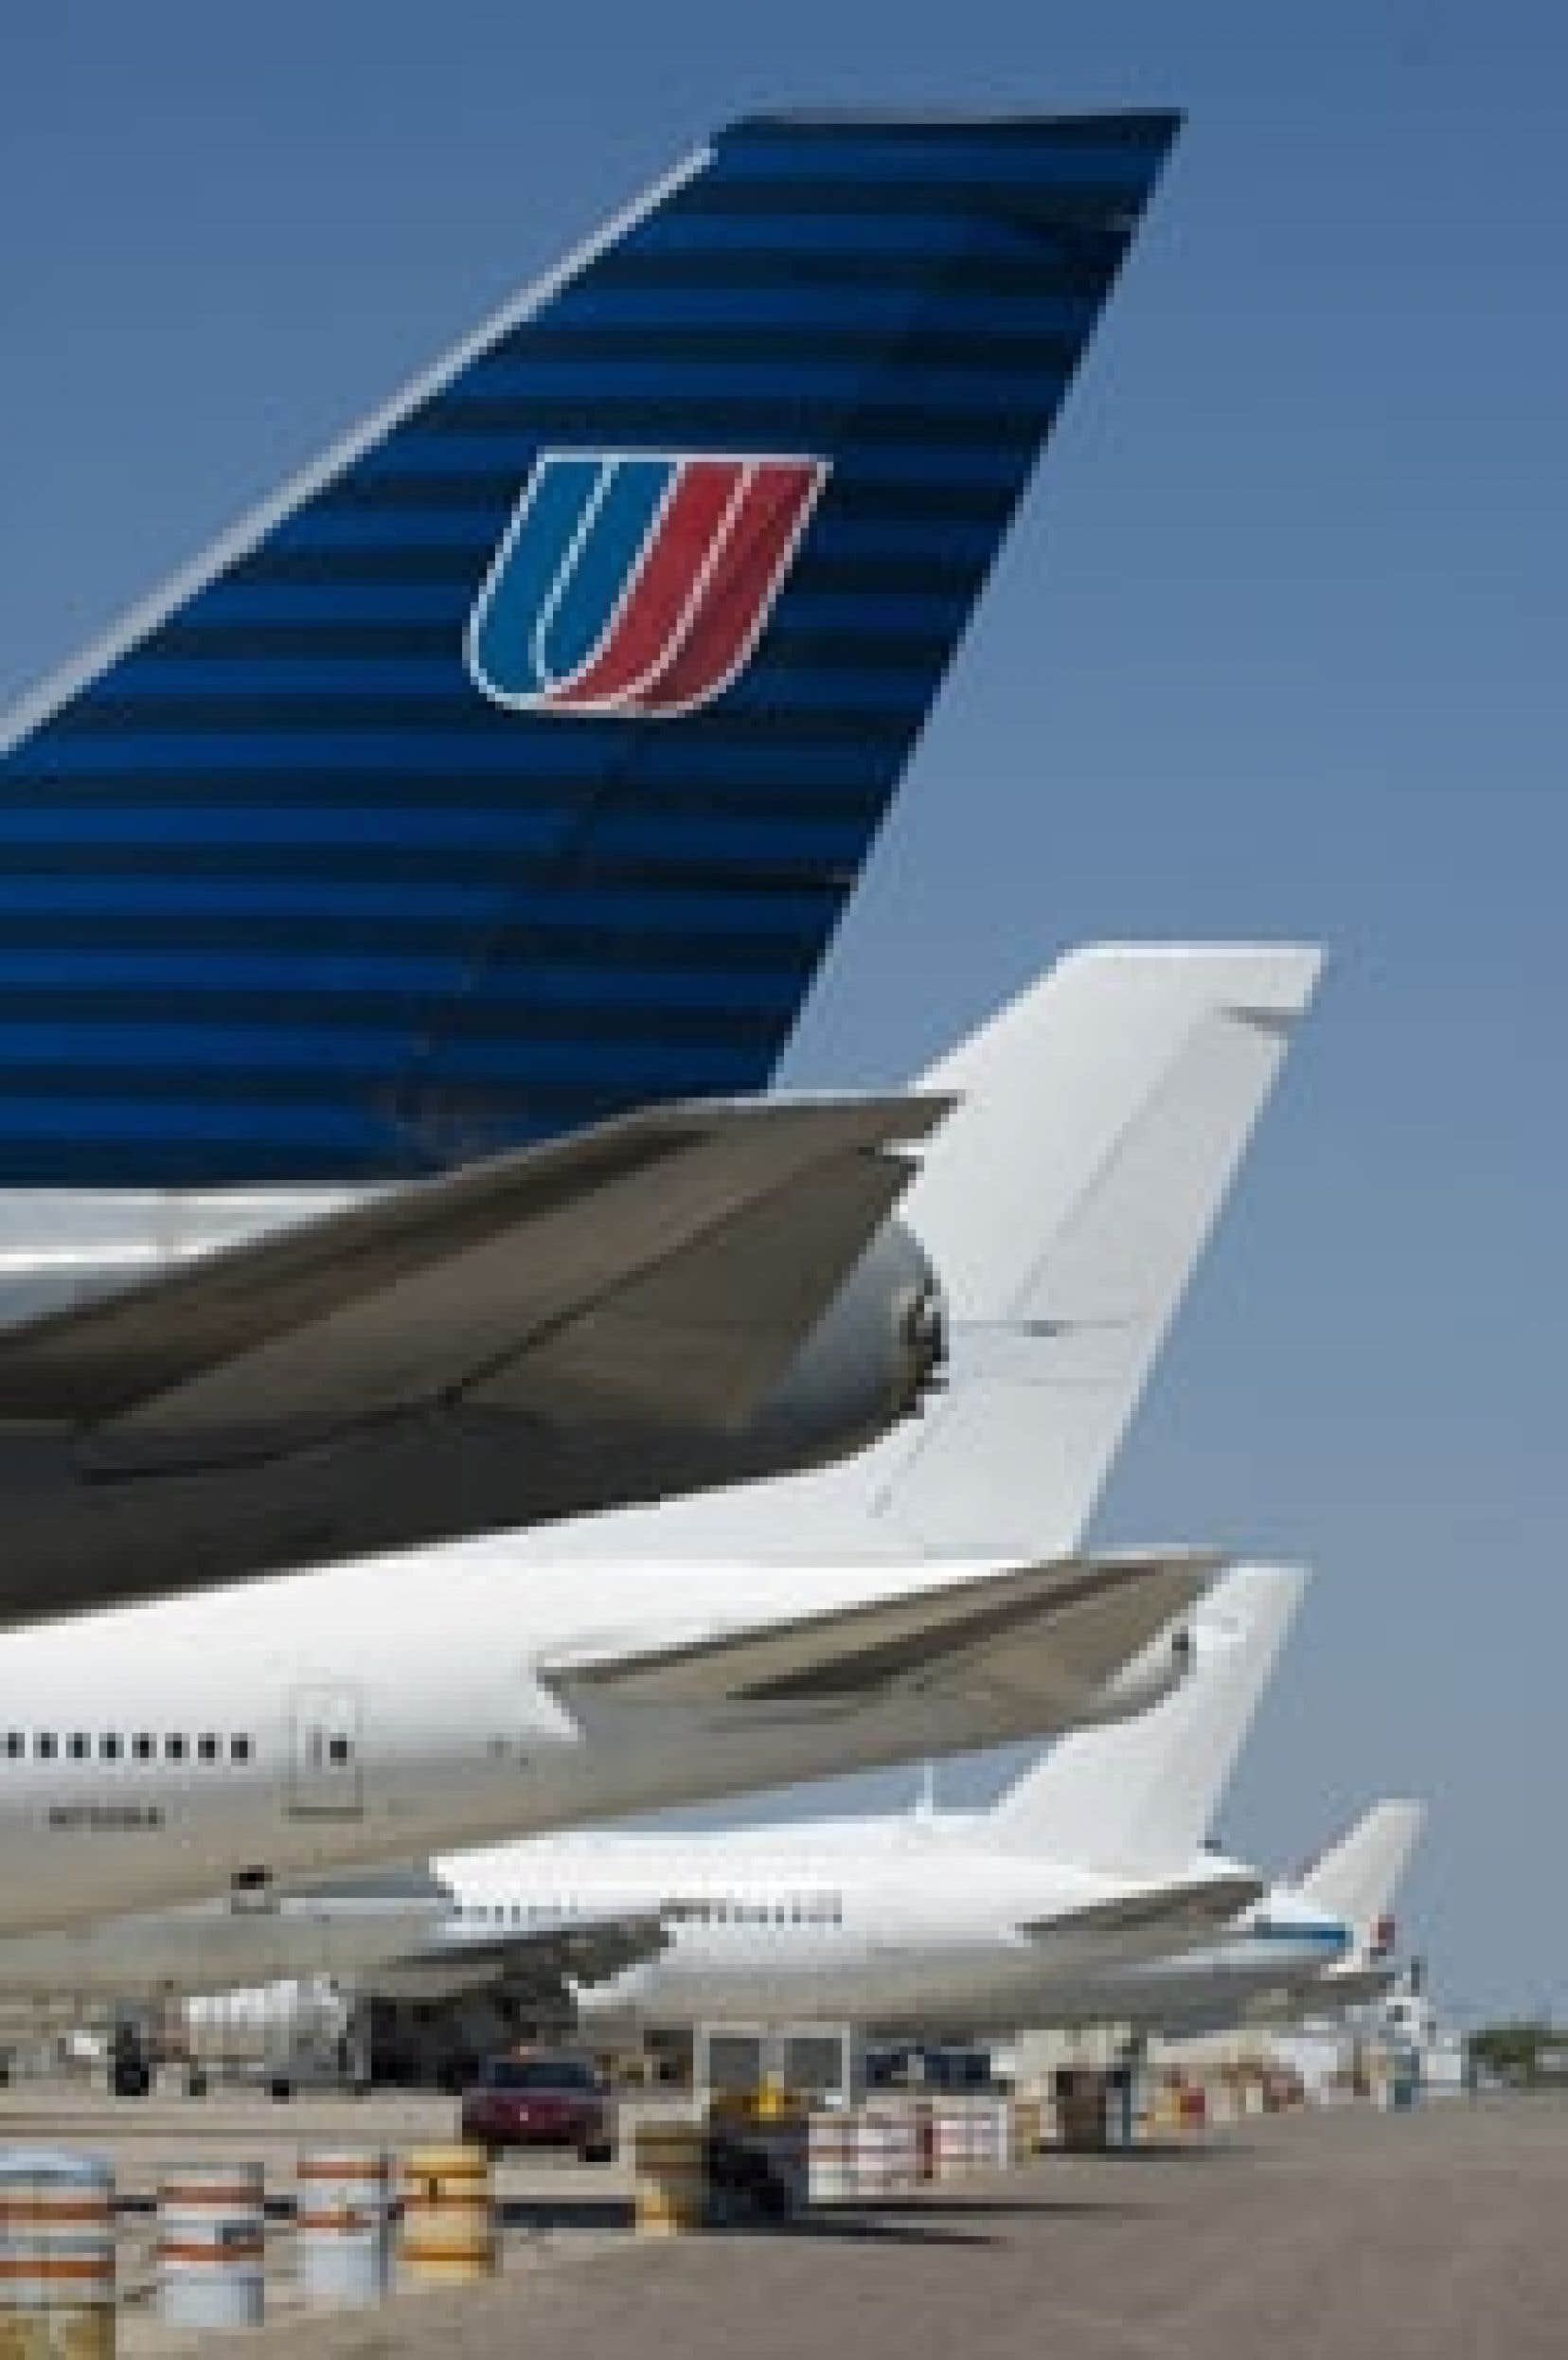 Aux États-Unis, les compagnies aériennes traditionnelles, comme United Airlines, ont renoué avec les profits cette année. Elles bénéficient des retombées de leur restructuration qui leur permettent de mieux concurrencer les transporteurs au rabais